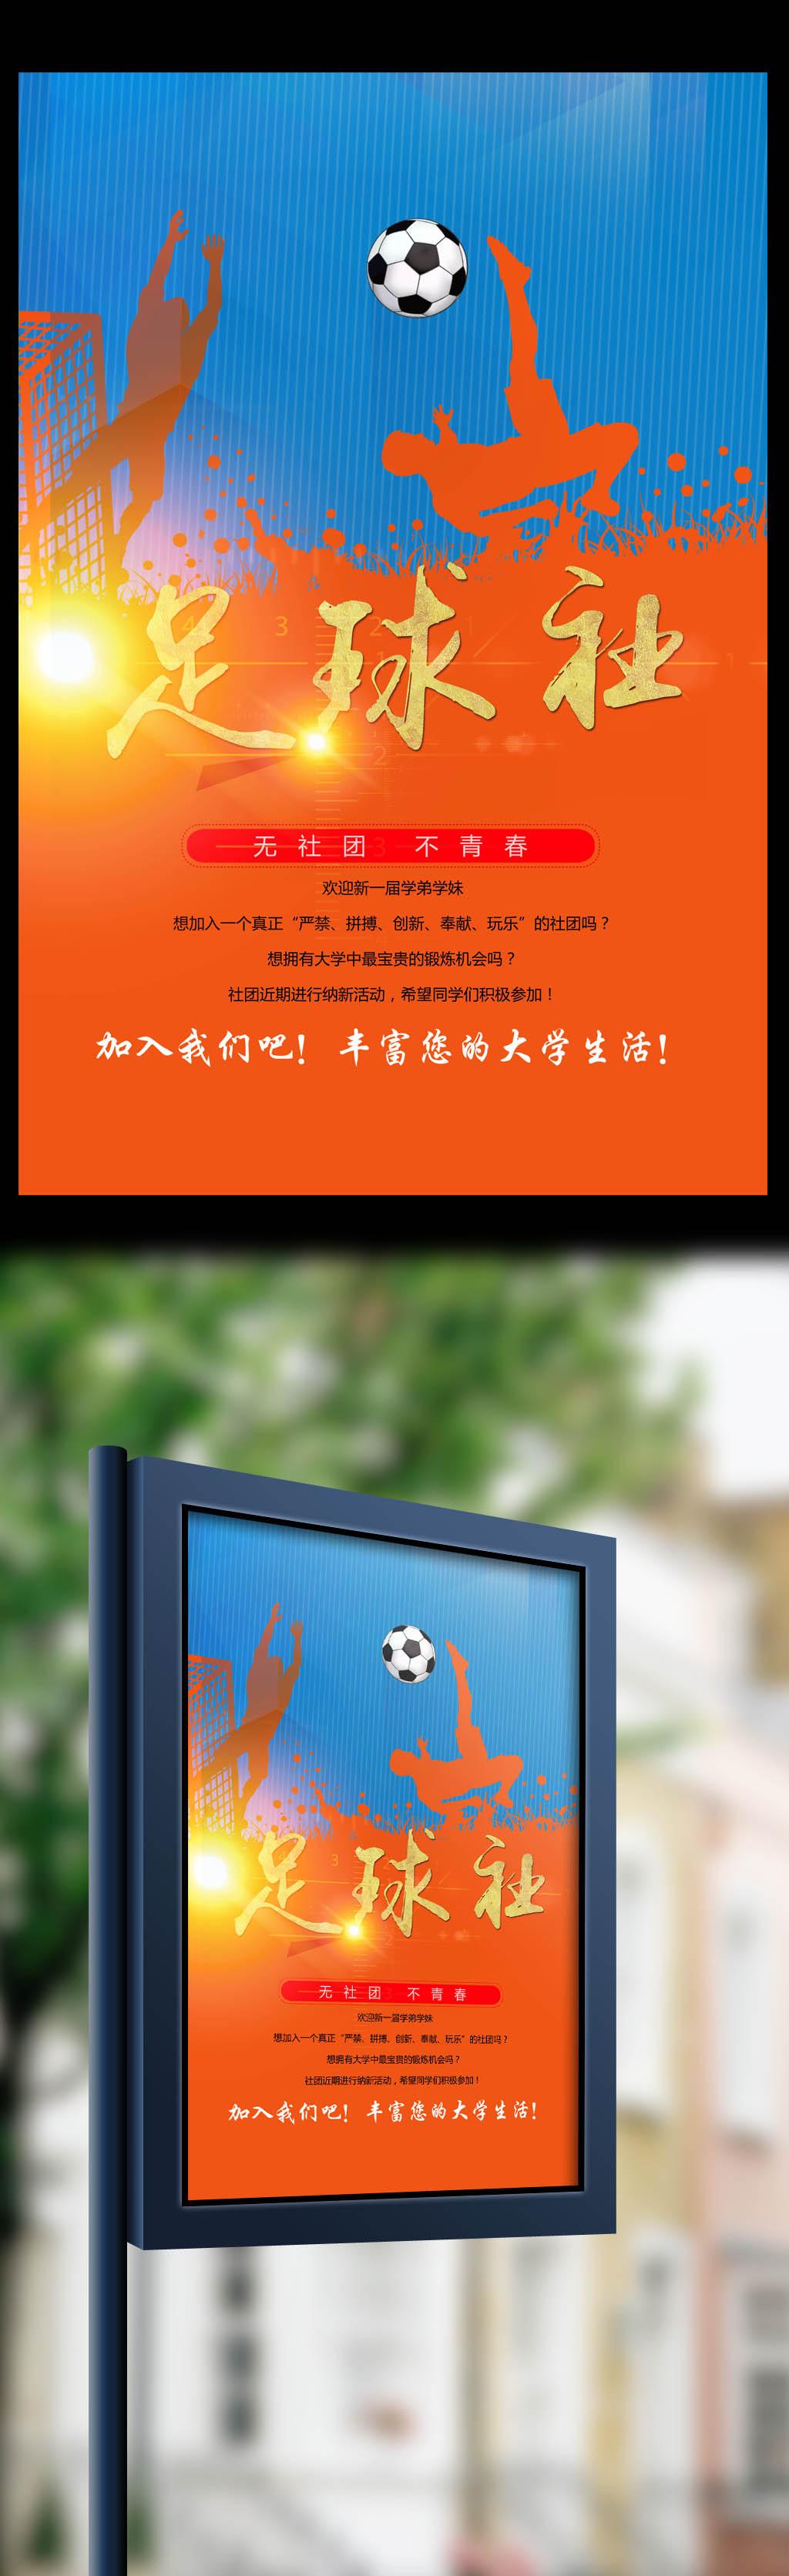 足球社纳新啦海报模板设计